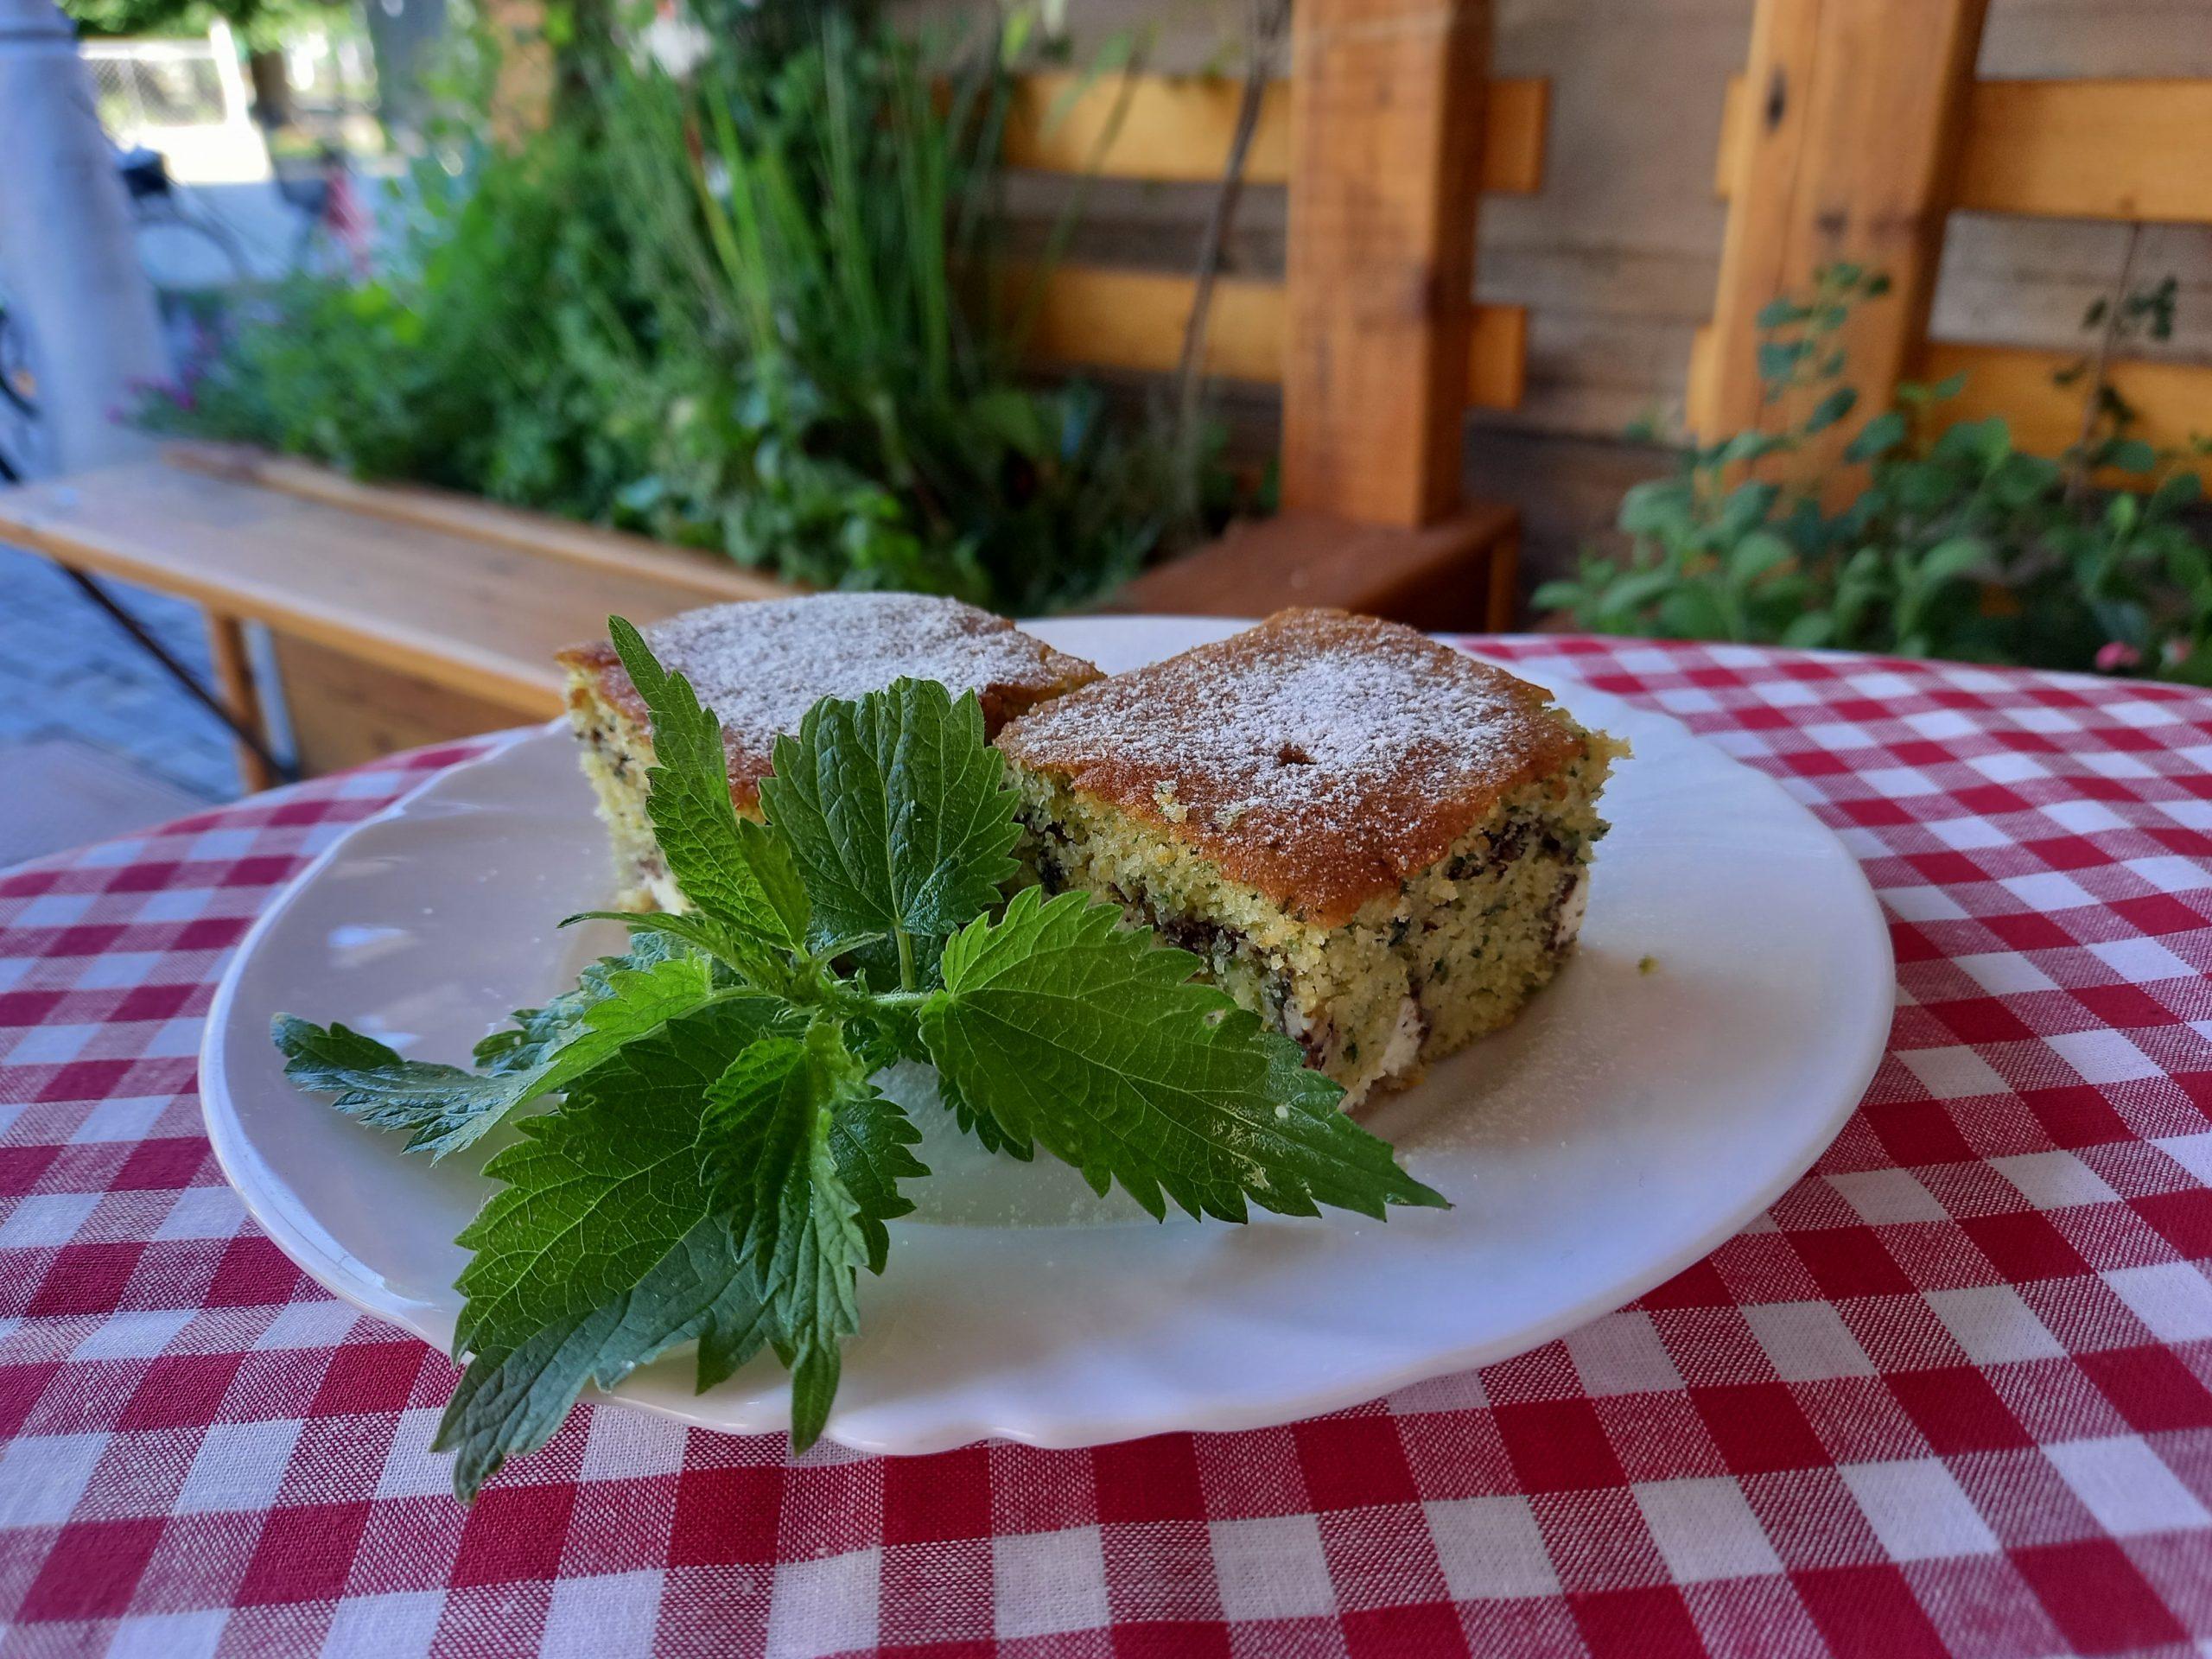 Zdravi obrok od Koprive u Smuteku na Podravskim motivima